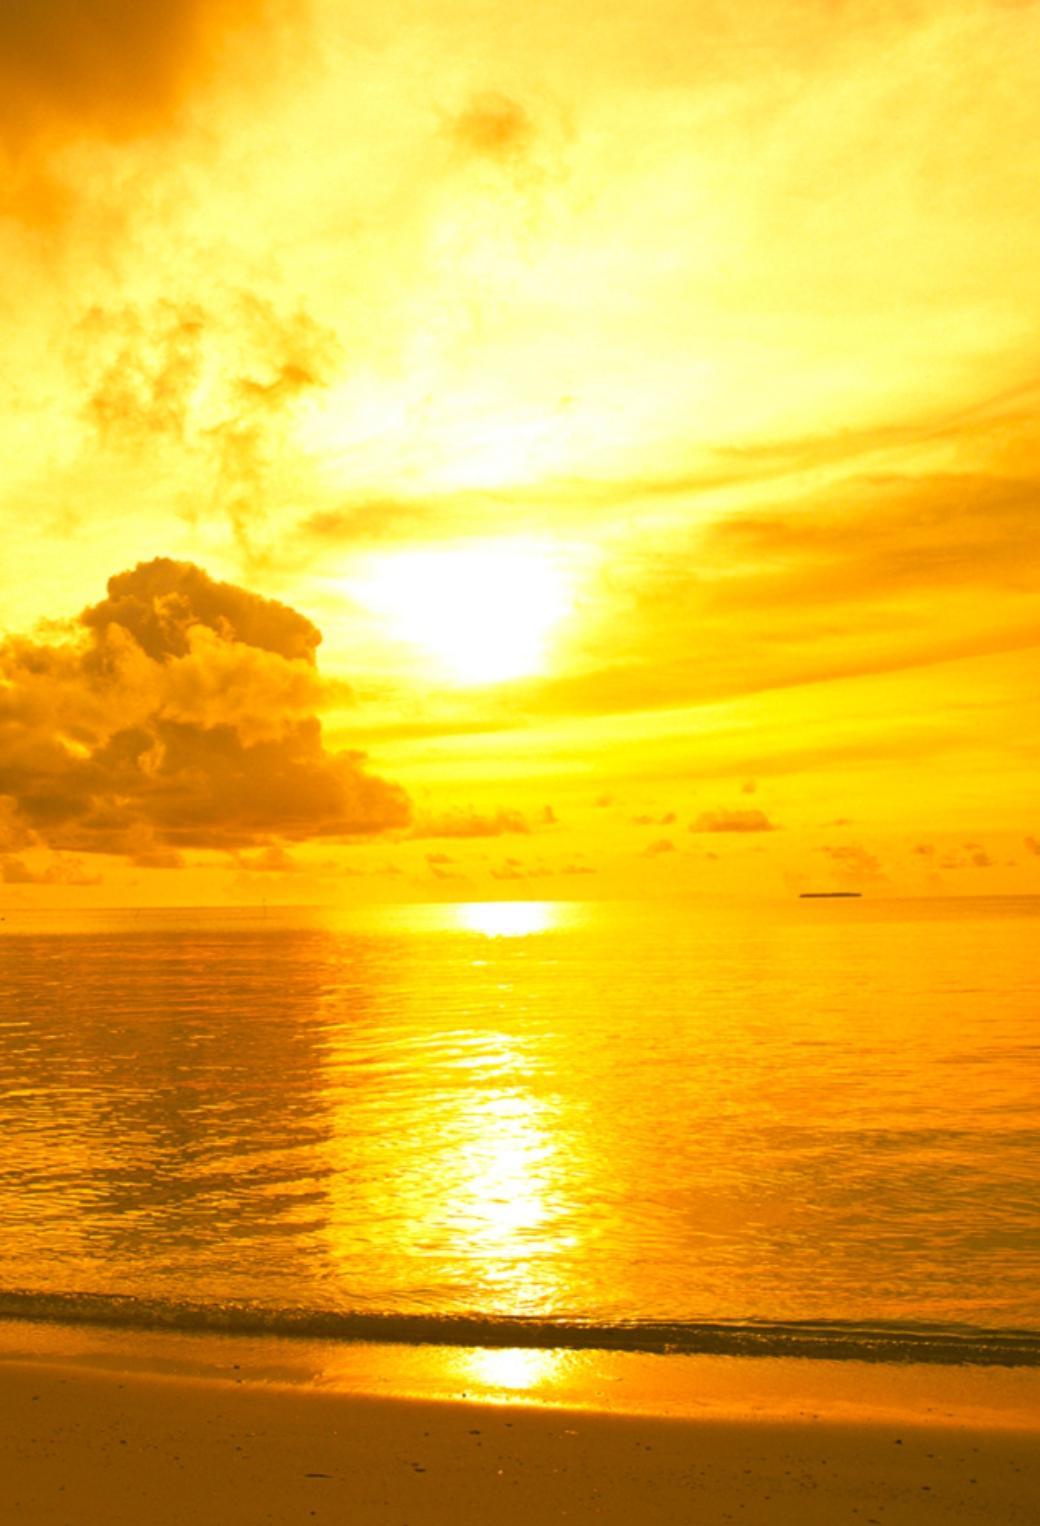 黄昏色の海 40 Iphone壁紙 すべて1136 X 640pxサイズ